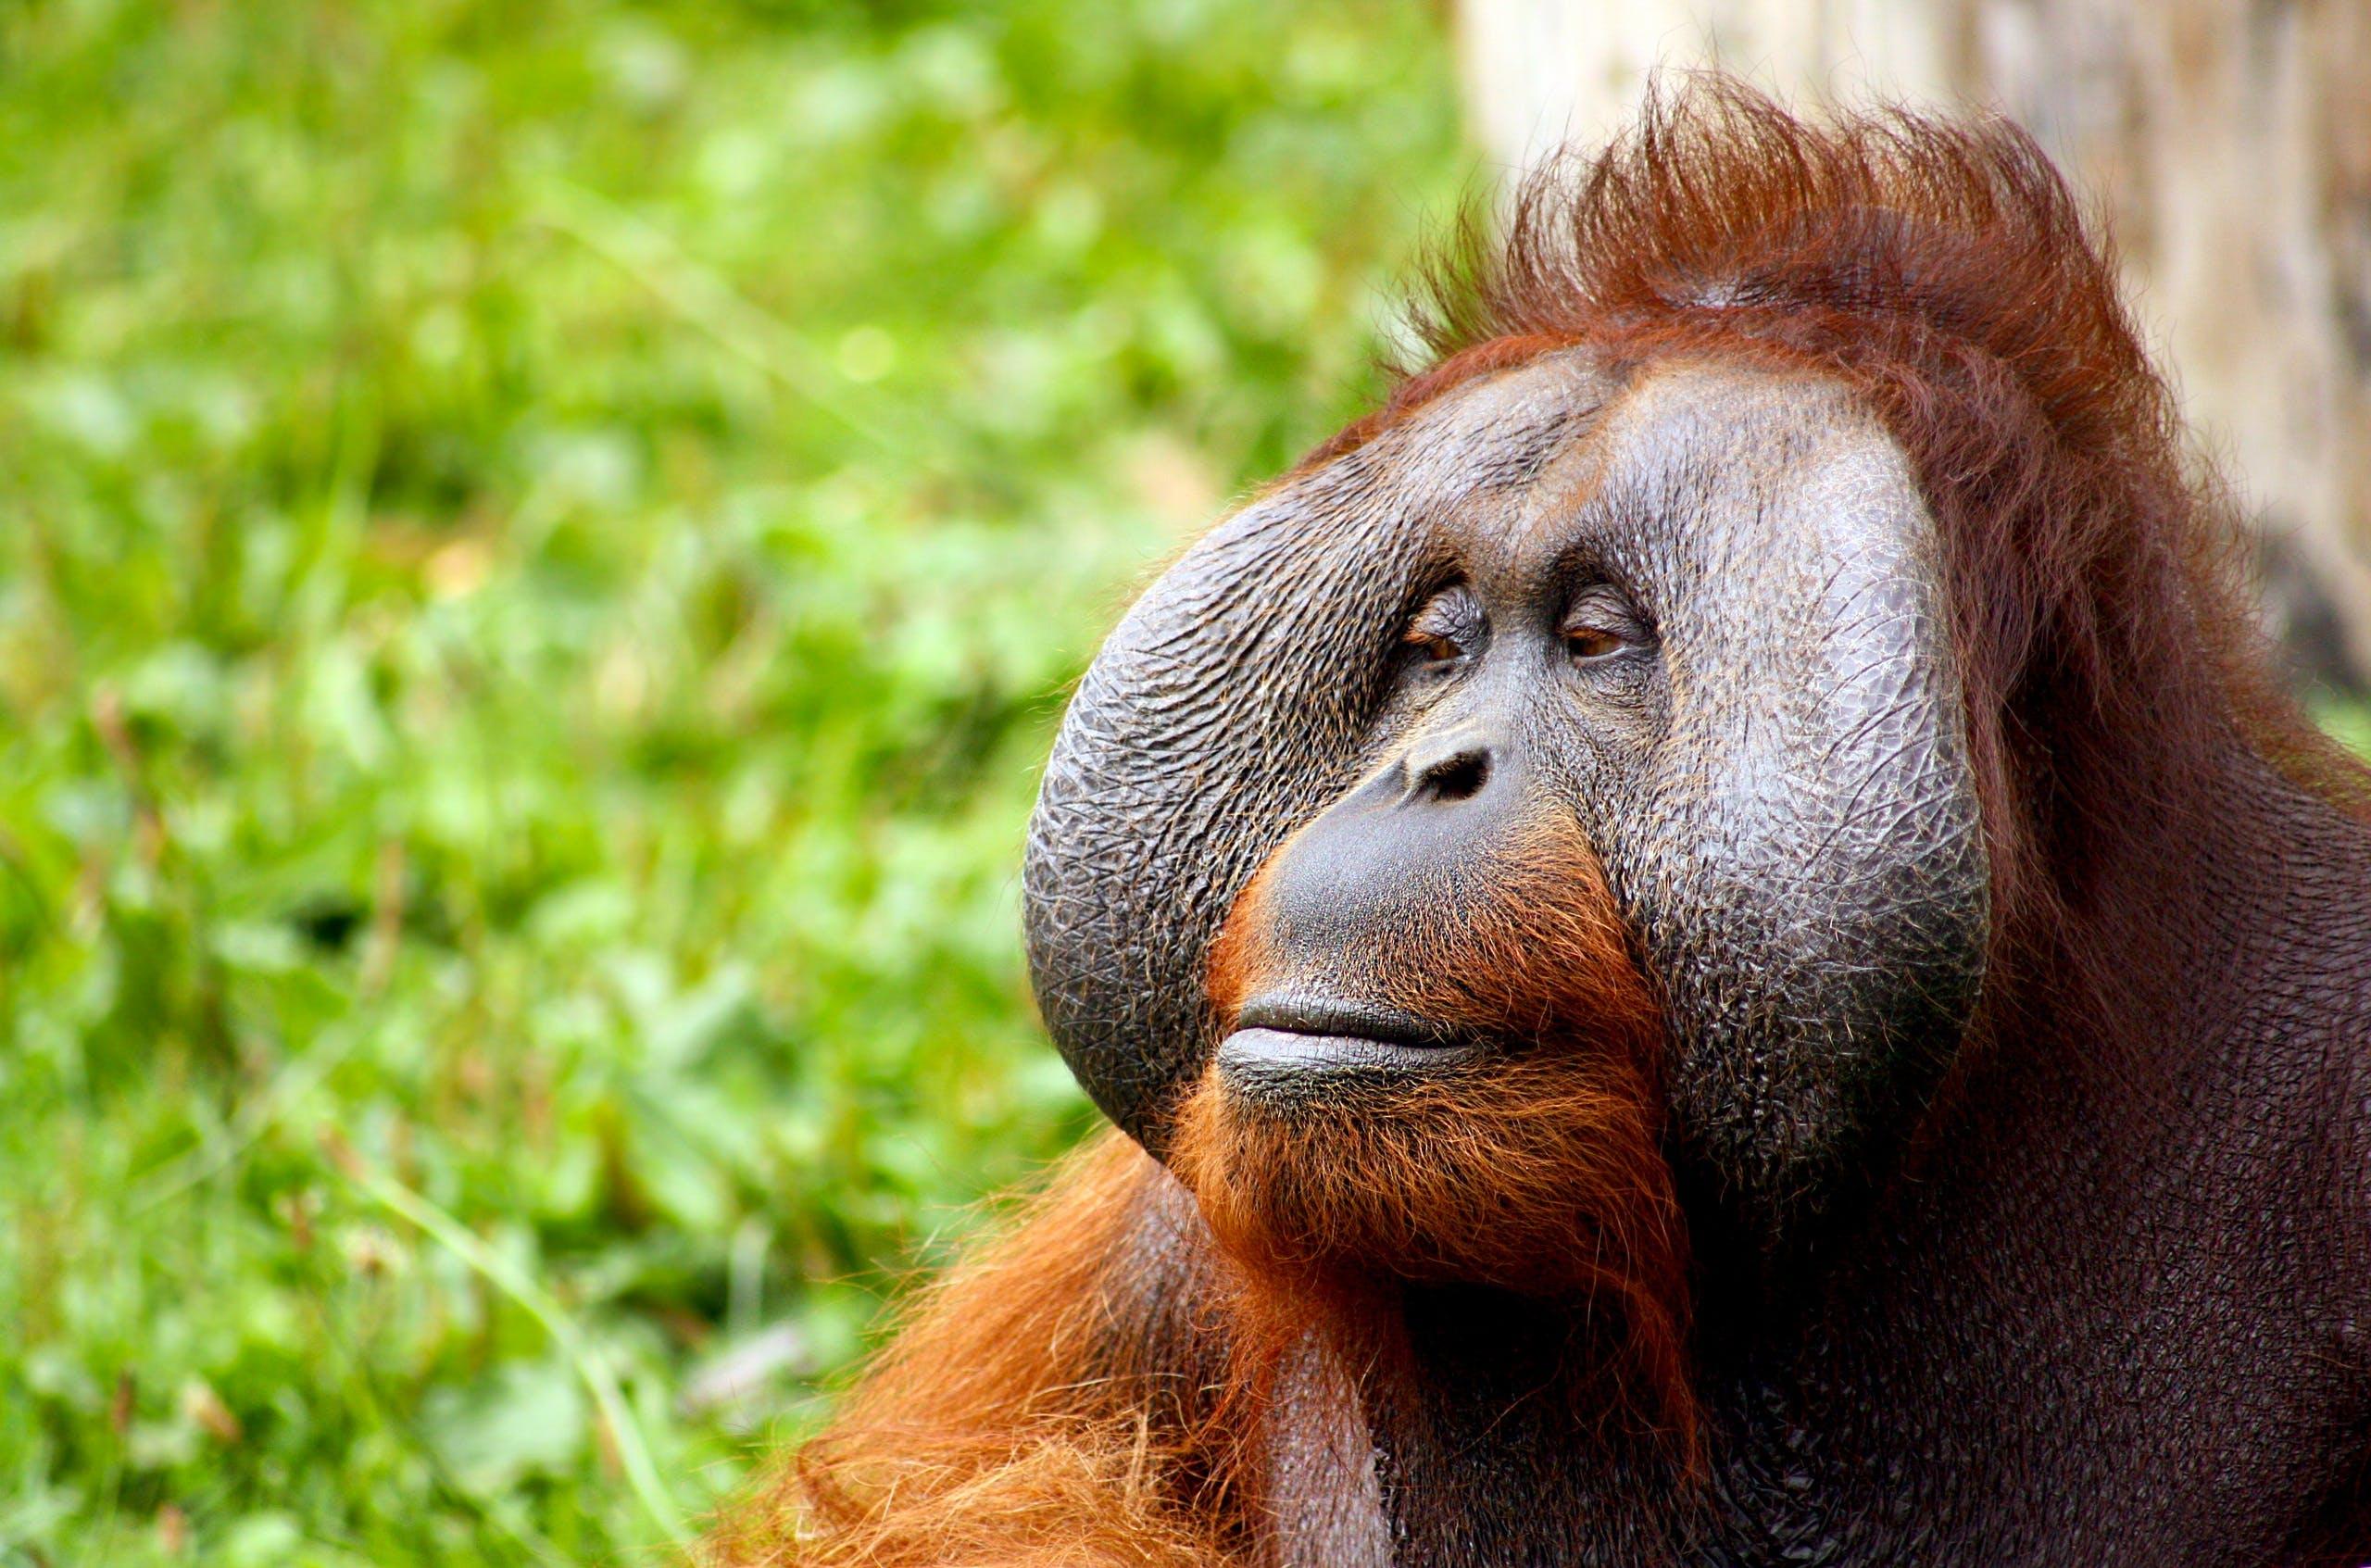 Ilmainen kuvapankkikuva tunnisteilla apina, eläin, karvainen, oranki